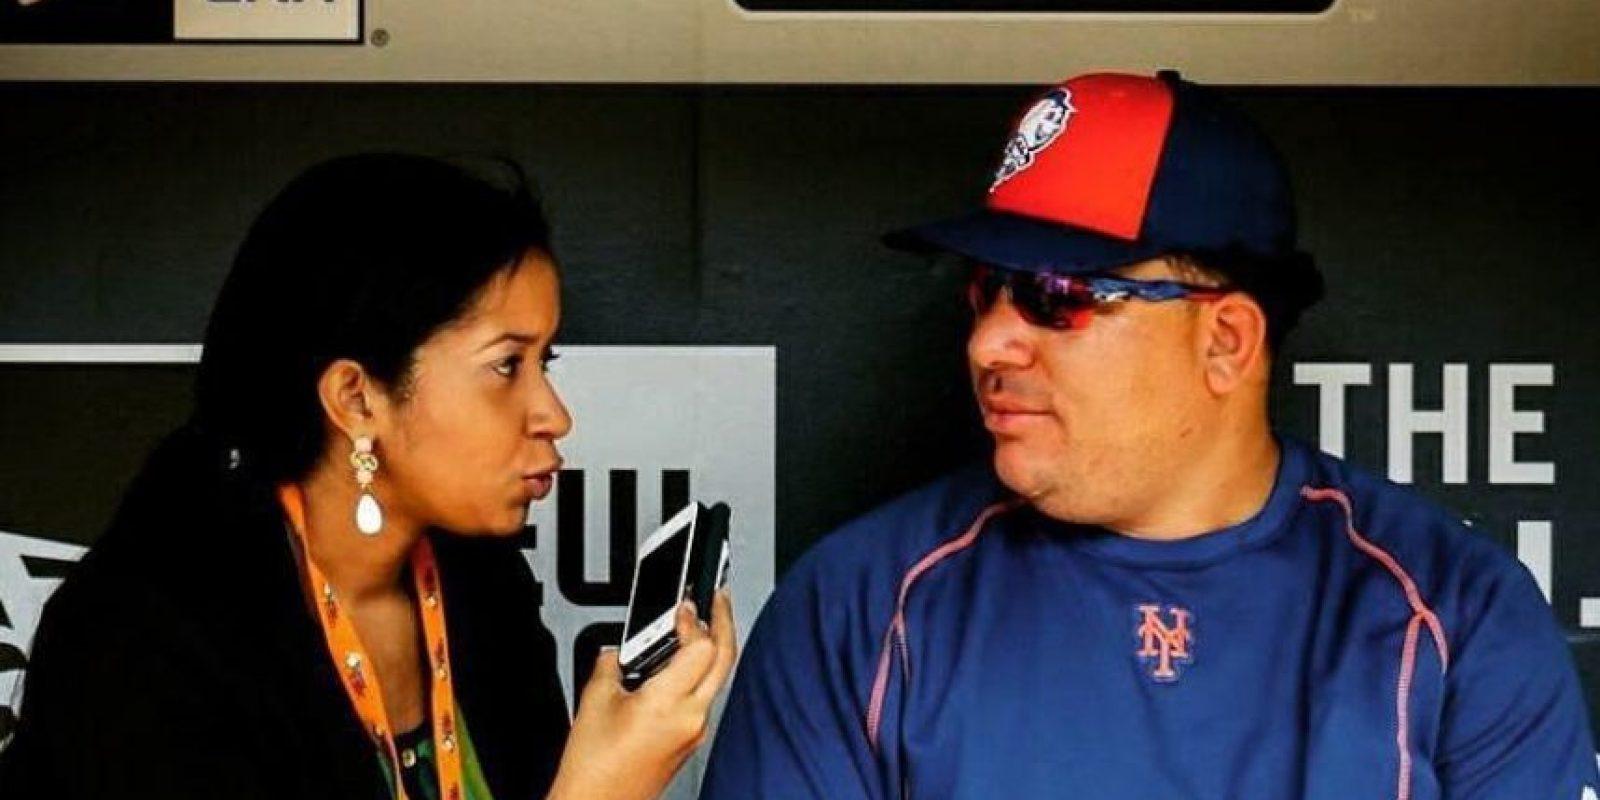 Morillo entrevista al lanzador de los Metros de Nueva York Bartolo Colón durante la presente temporada de Grandes Ligas. Foto:Fuente Externa